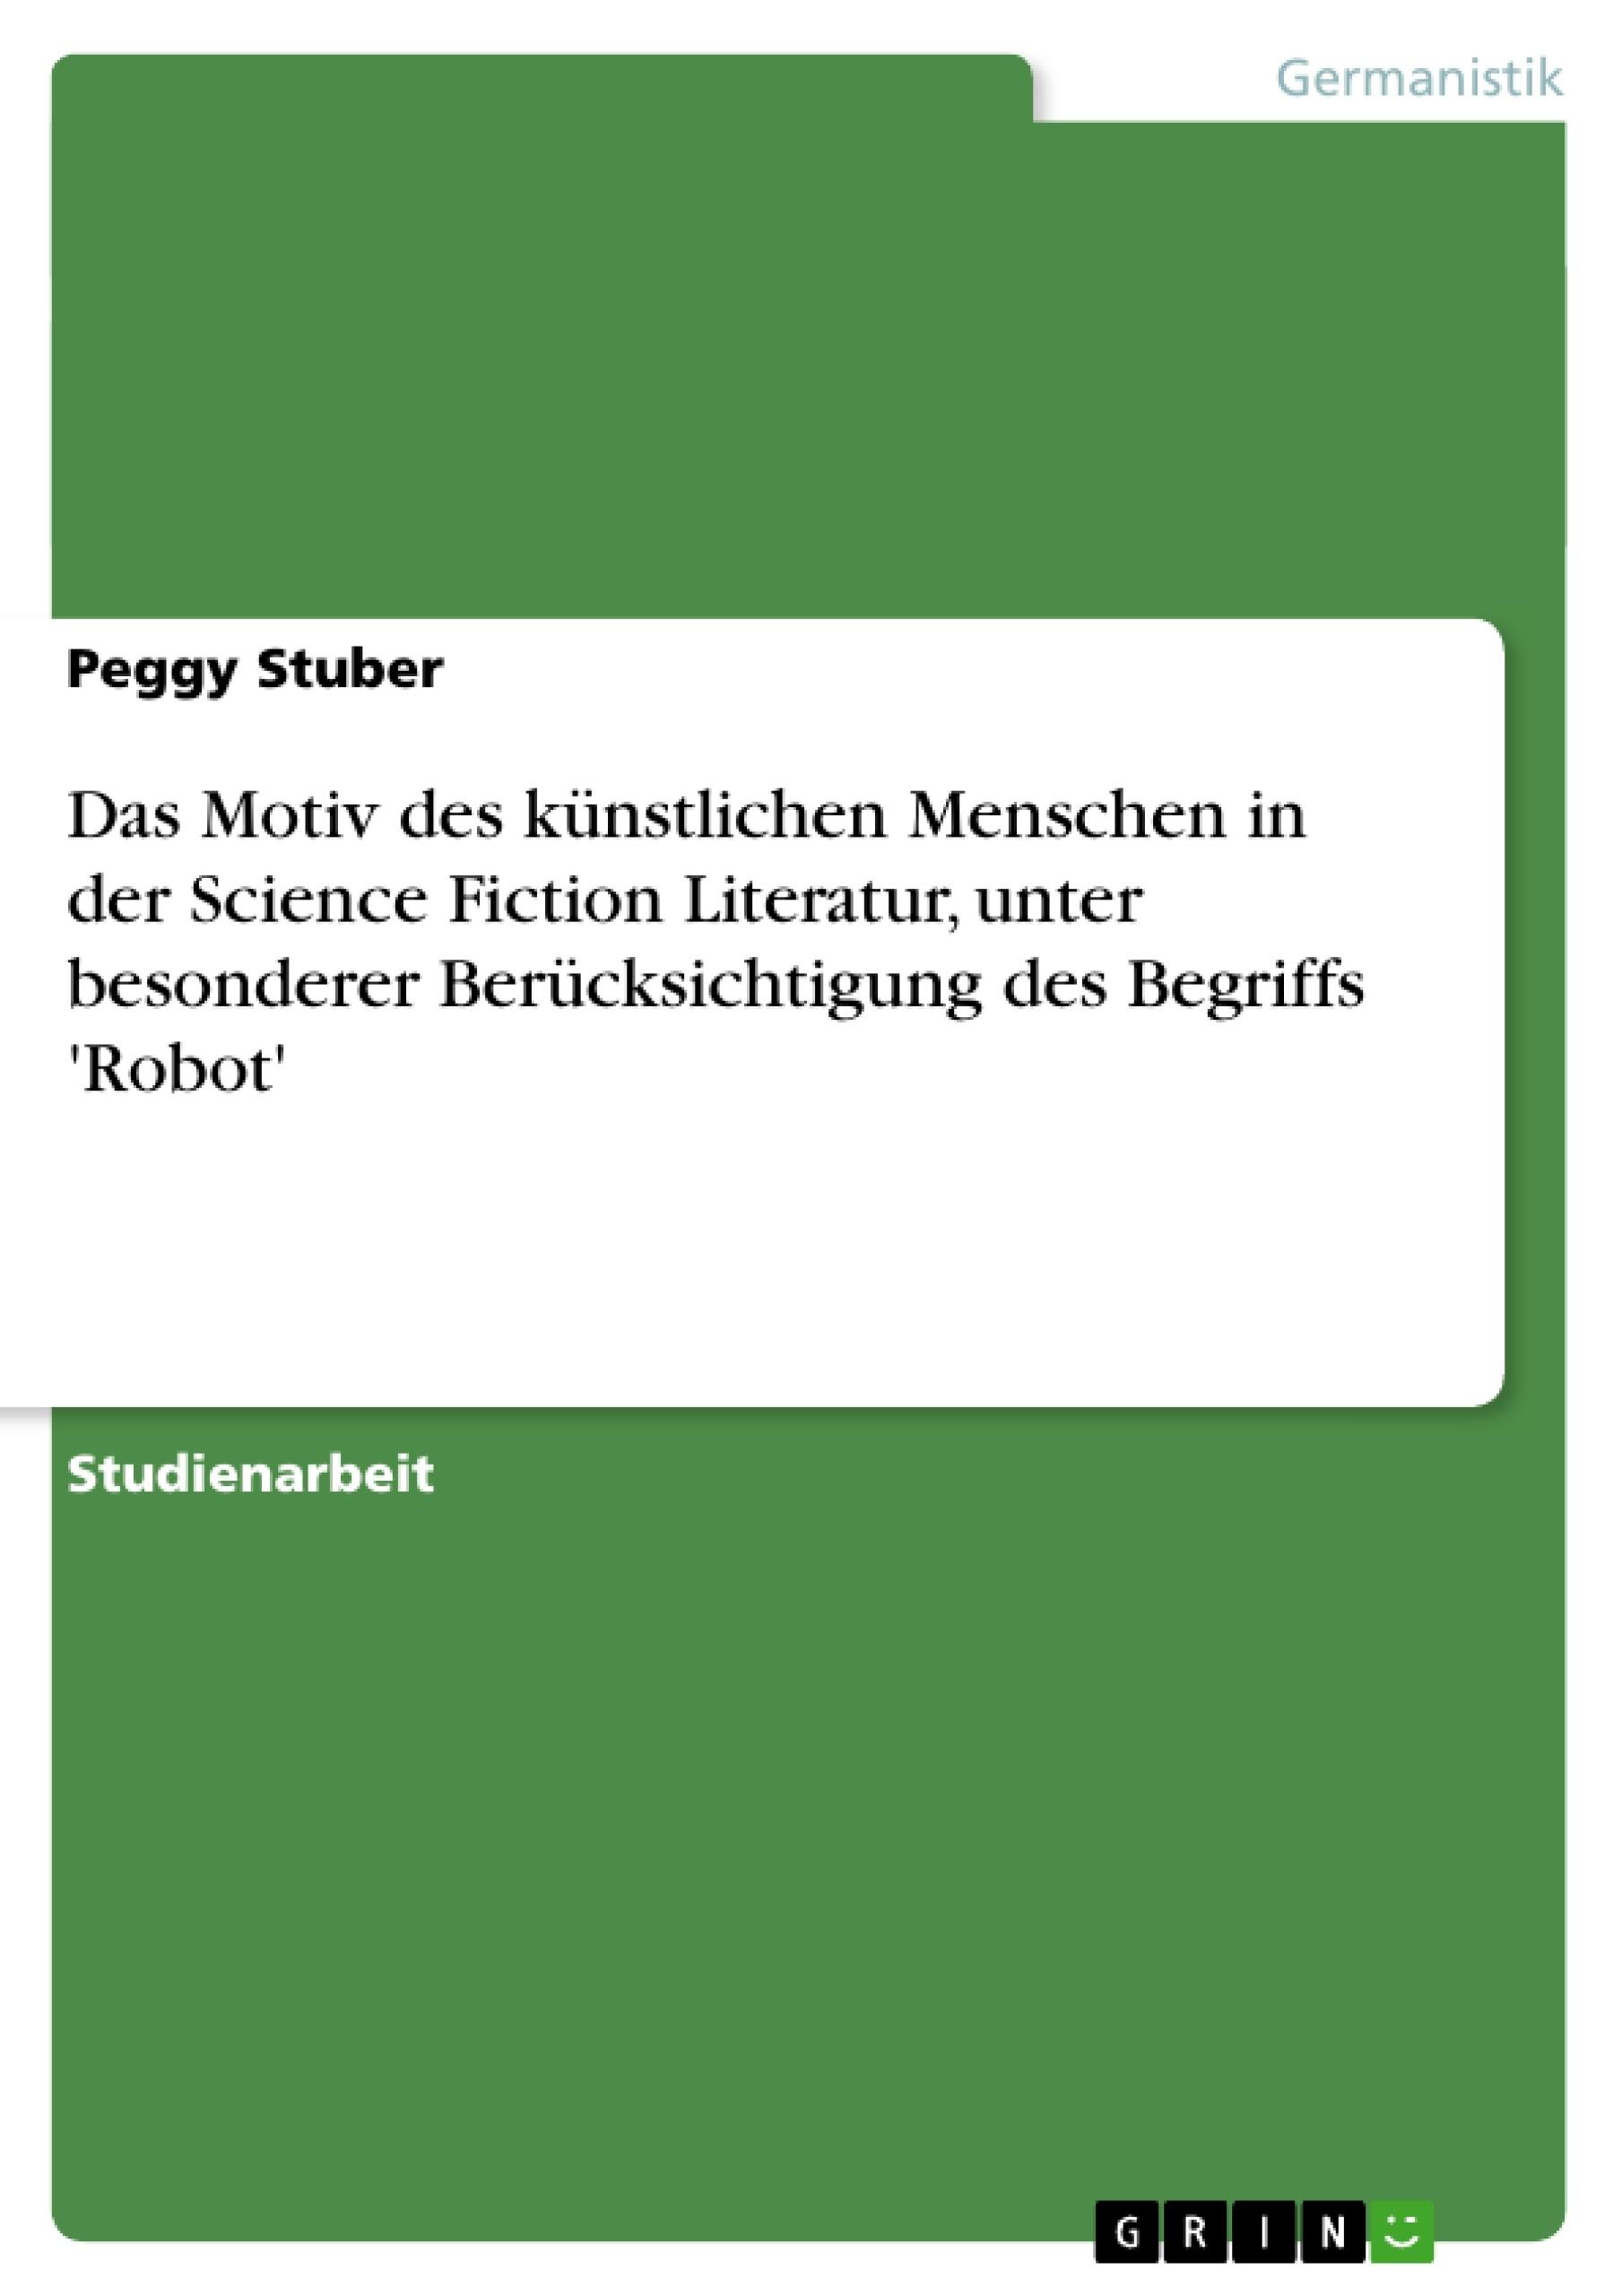 Titel: Das Motiv des künstlichen Menschen in der Science Fiction Literatur, unter besonderer Berücksichtigung des Begriffs 'Robot'